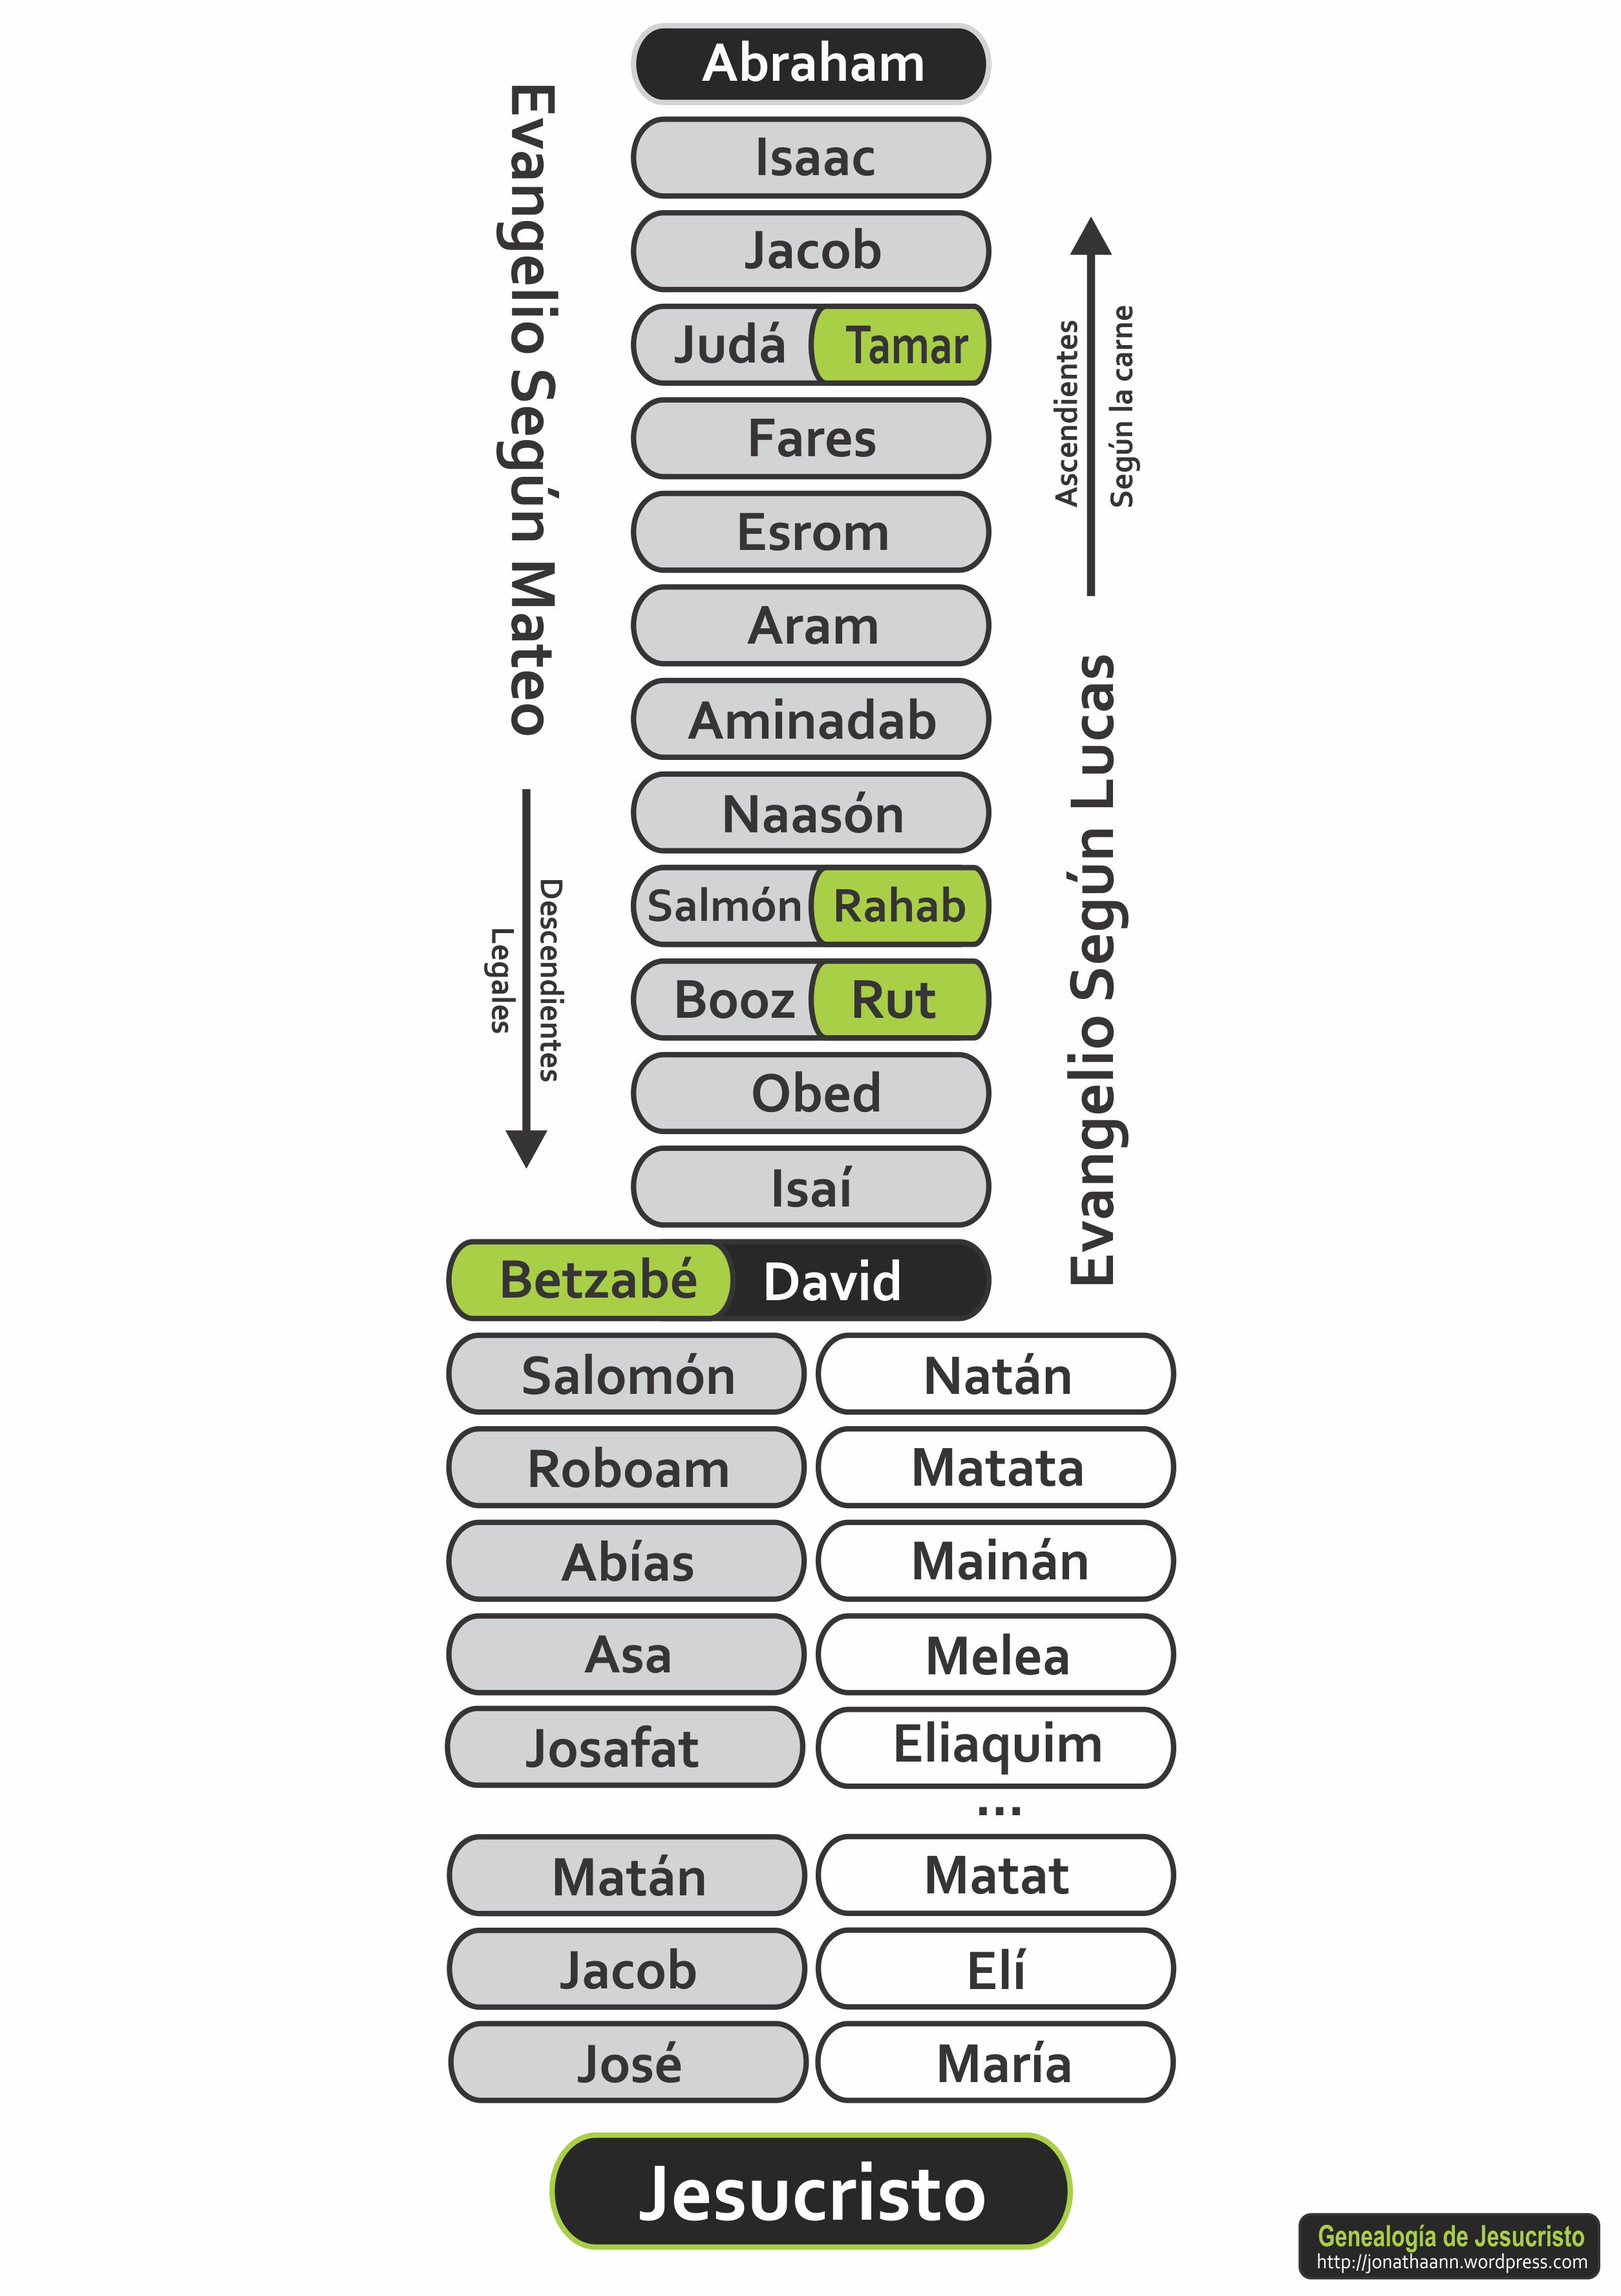 genealogia-de-jesucristoiipvimp1